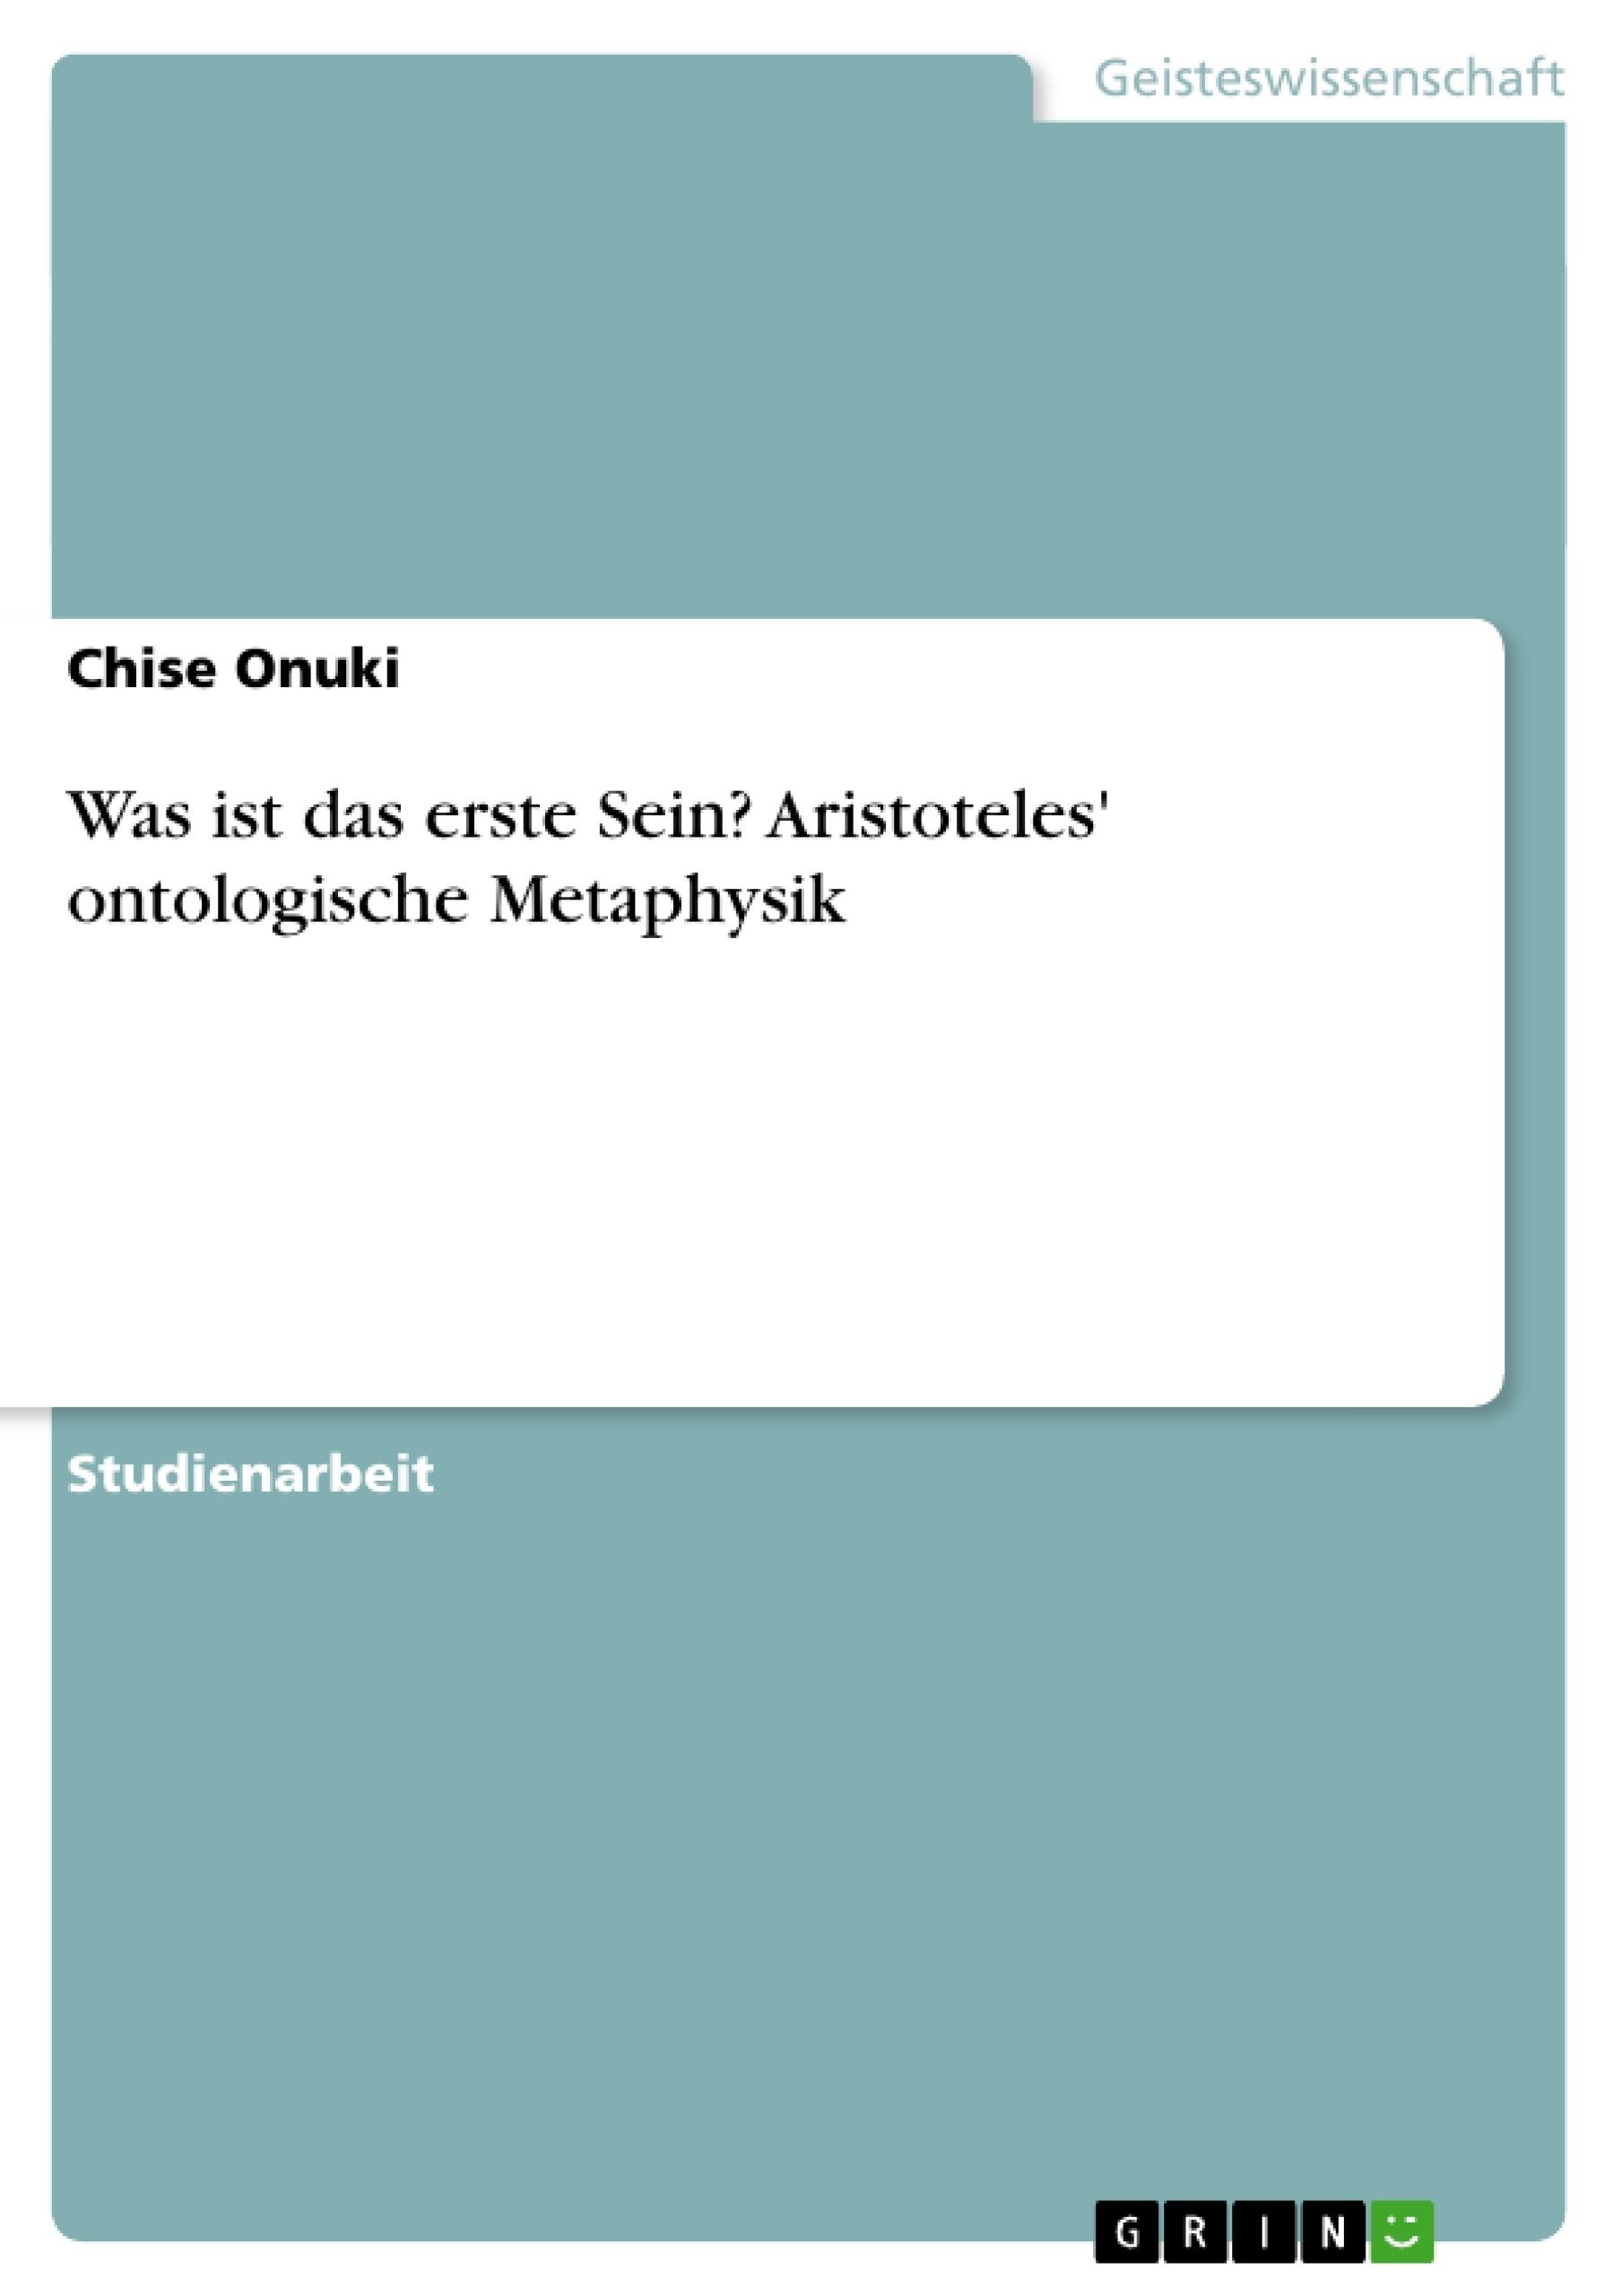 Titel: Was ist das erste Sein? Aristoteles' ontologische Metaphysik